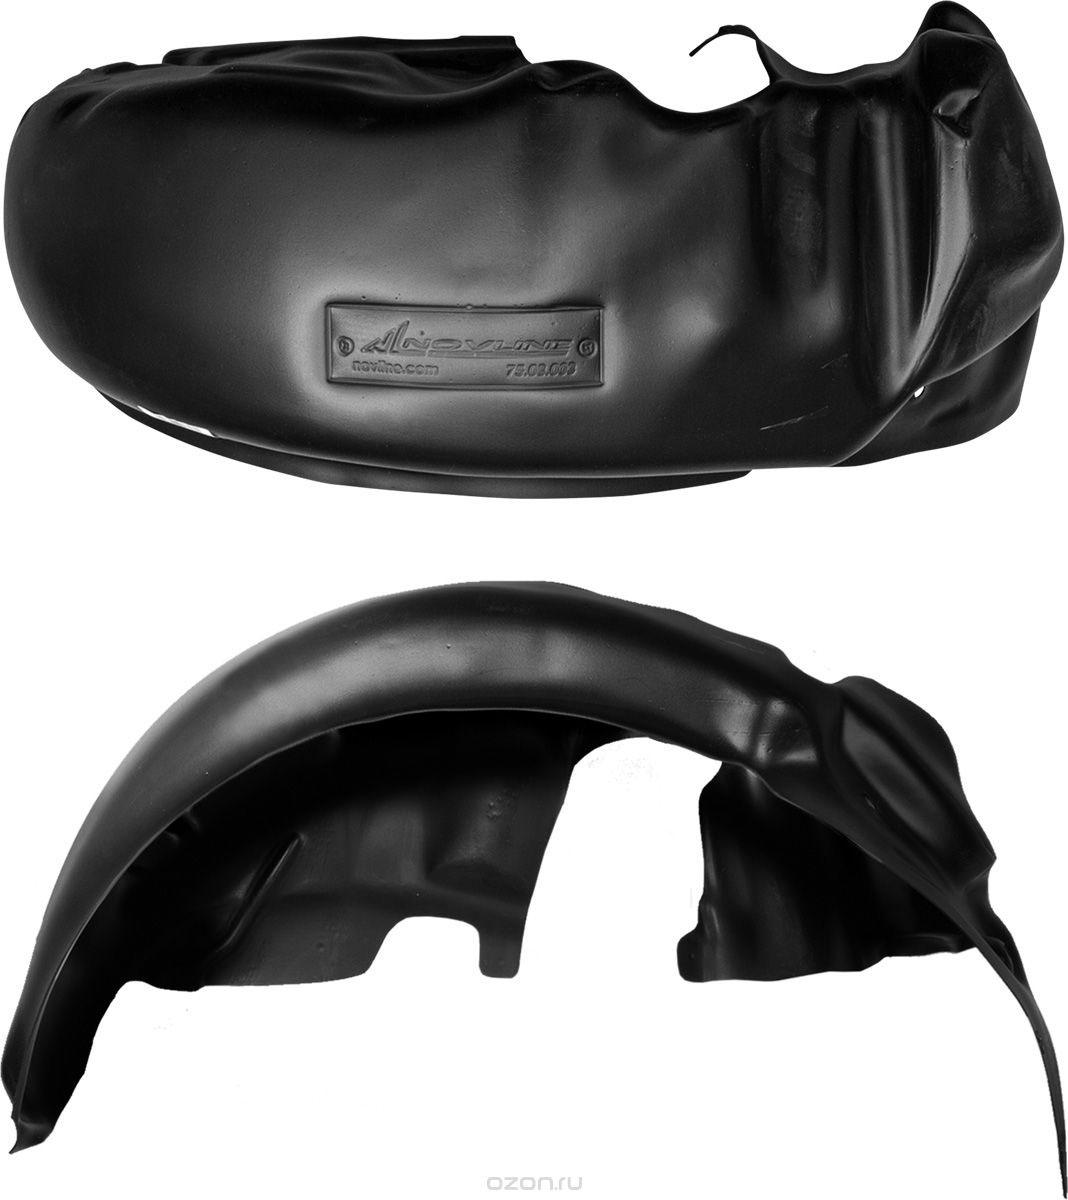 Подкрылок Novline-Autofamily, для ВАЗ 2110, 1995-2007, б/б, задний правый000504Идеальная защита колесной ниши. Локеры разработаны с применением цифровых технологий, гарантируют максимальную повторяемость поверхности арки. Изделия устанавливаются без нарушения лакокрасочного покрытия автомобиля, каждый подкрылок комплектуется крепежом. Уважаемые клиенты, обращаем ваше внимание, что фотографии на подкрылки универсальные и не отражают реальную форму изделия. При этом само изделие идет точно под размер указанного автомобиля.